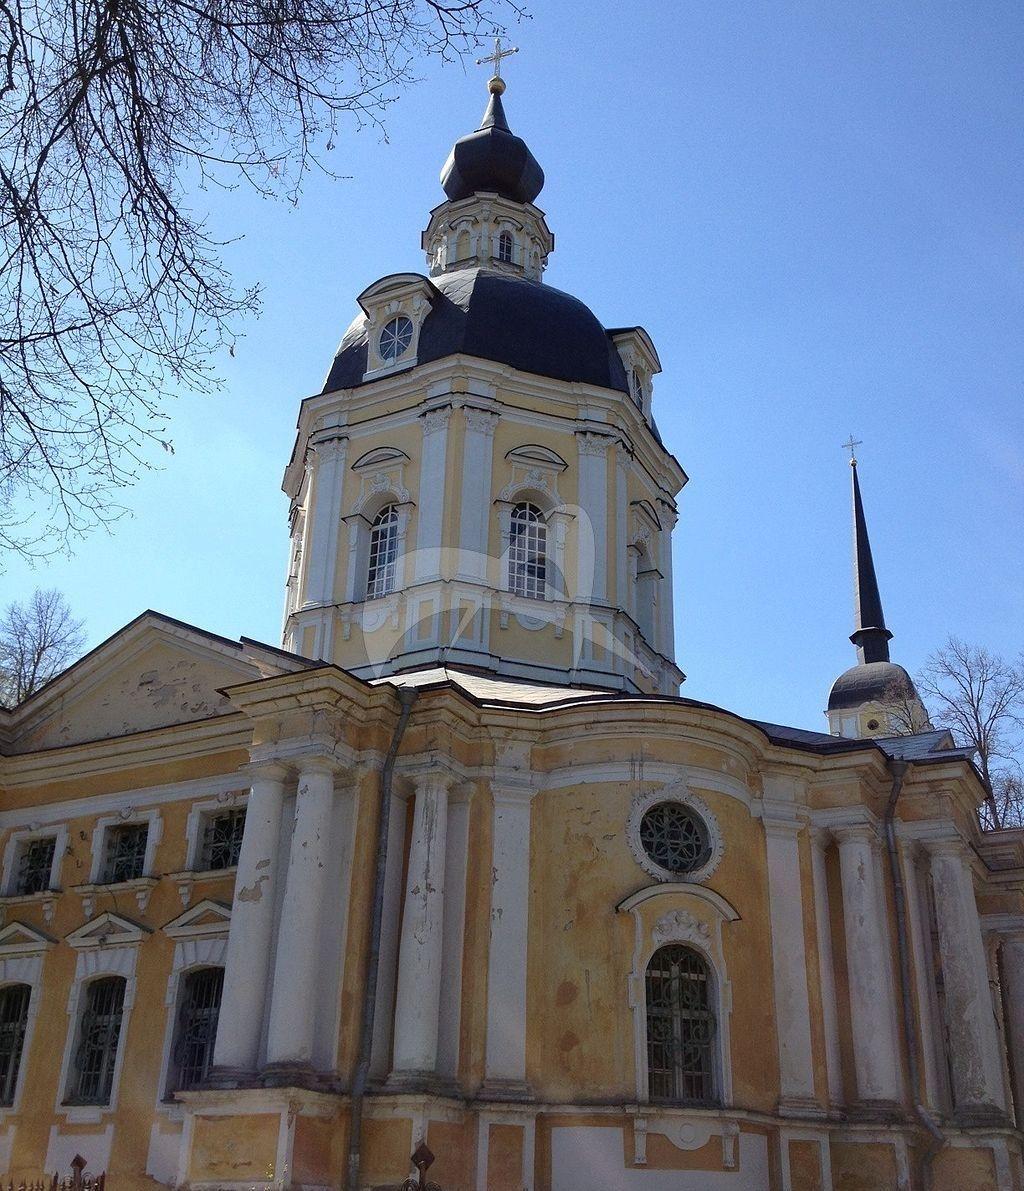 Церковь Спаса Нерукотворного с колокольней, 1752-1762 гг., по проекту К.И. Бланка (?), усадьба «Вороново», XIX в.